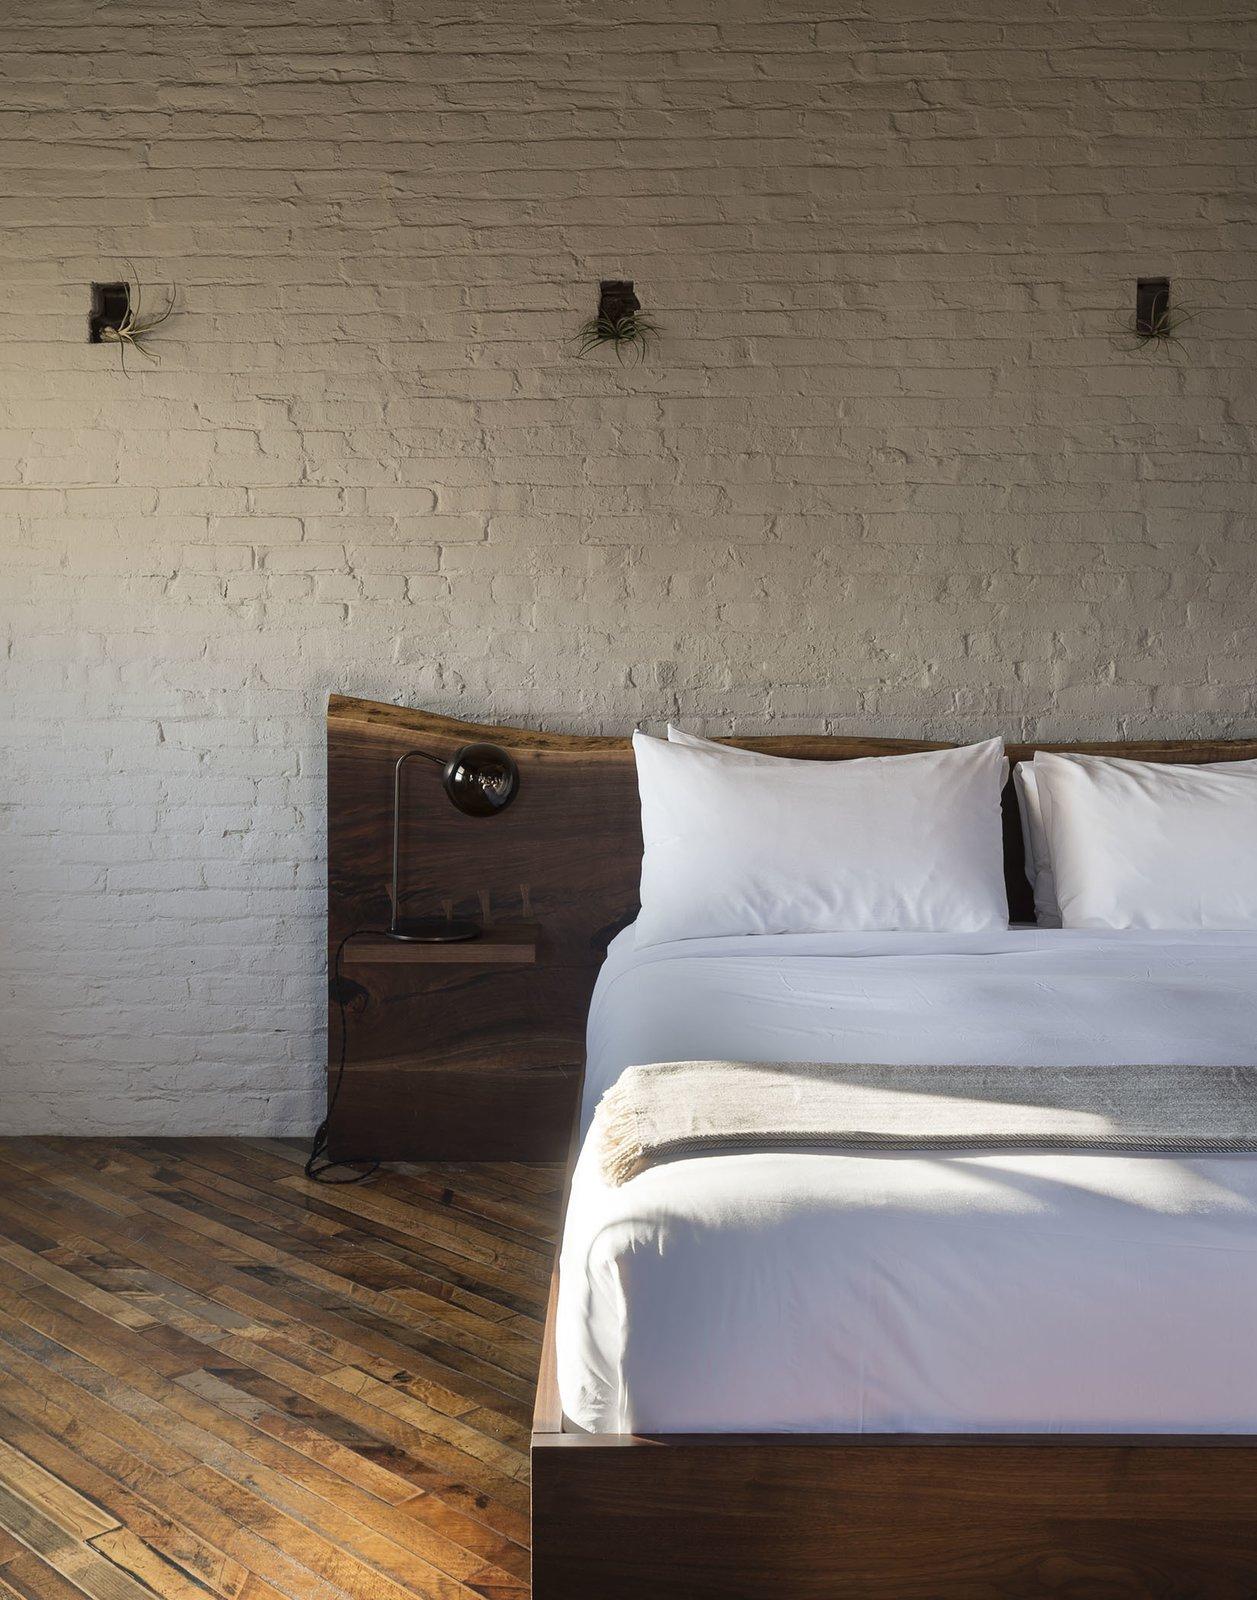 Bedroom, Bed, Lamps, and Medium Hardwood Floor  Mulherin's Hotel